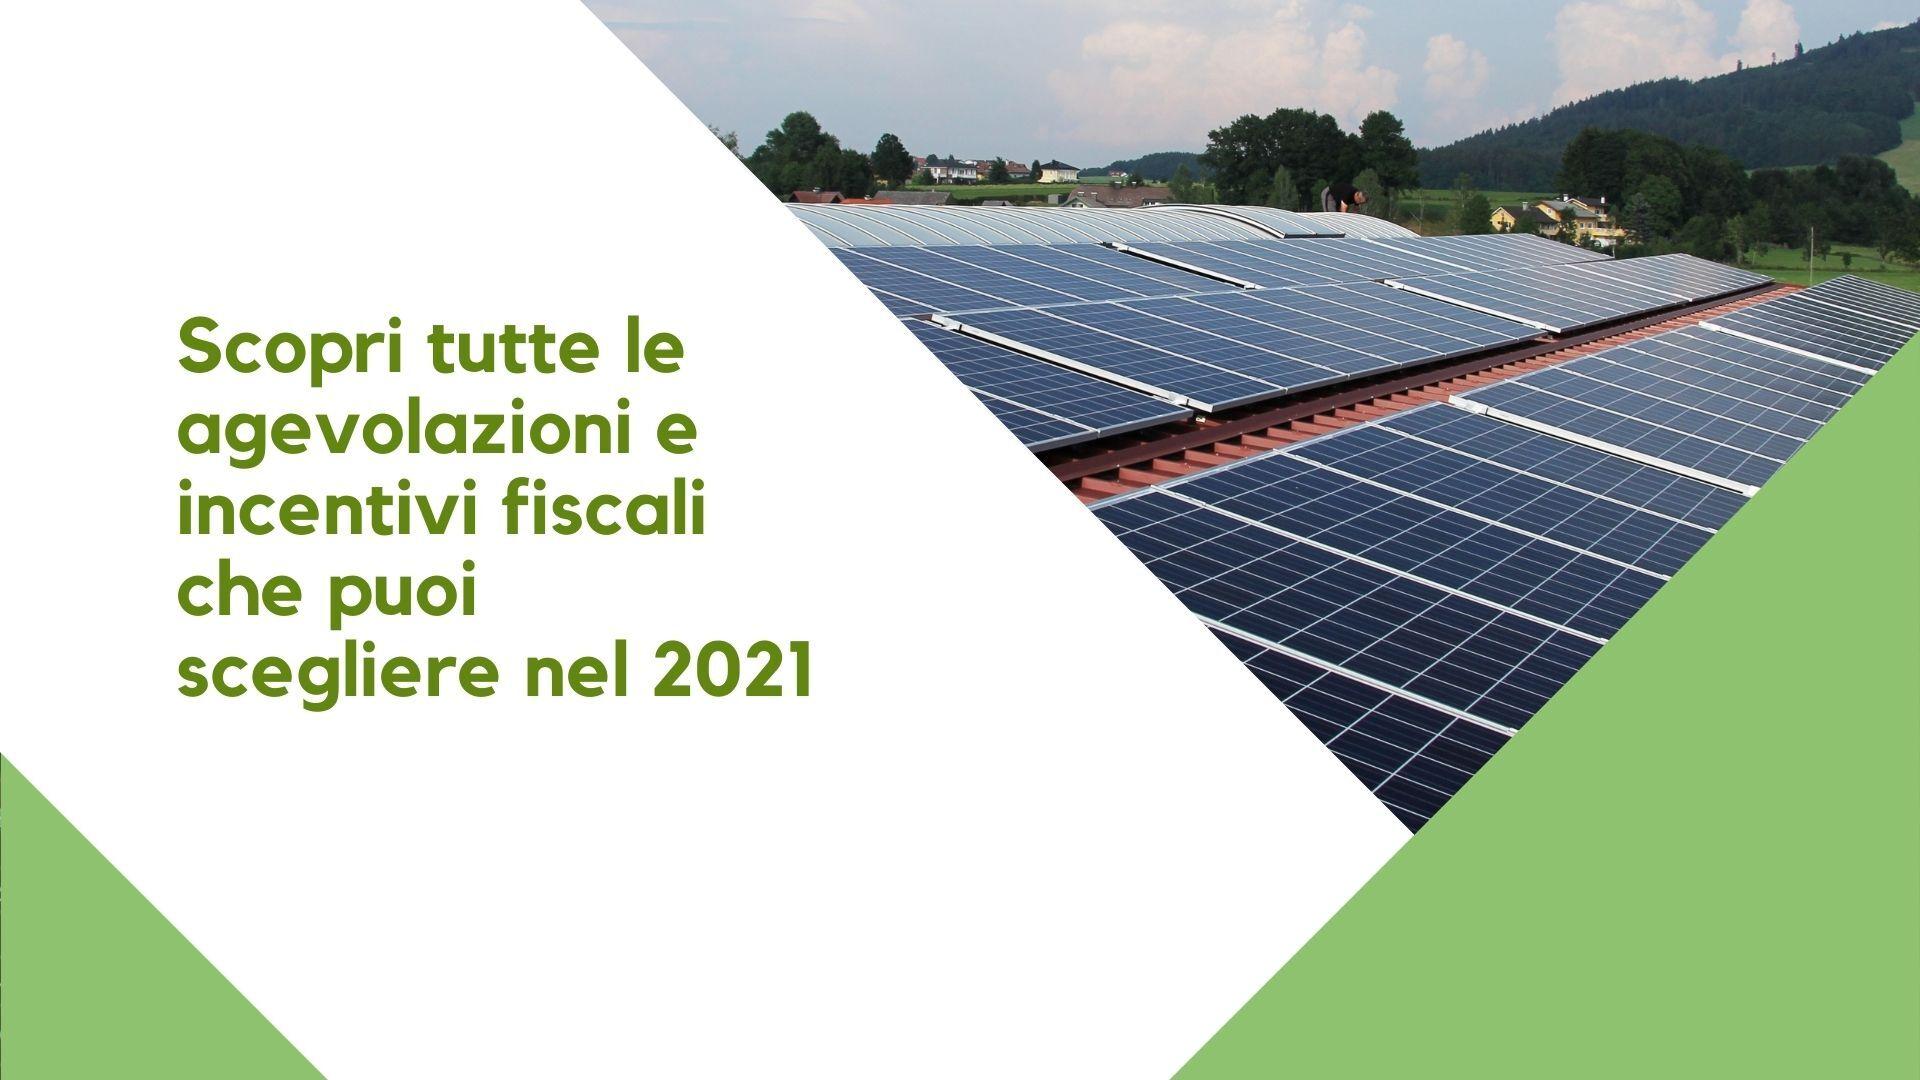 Scopri tutte le agevolazioni fiscali 2021